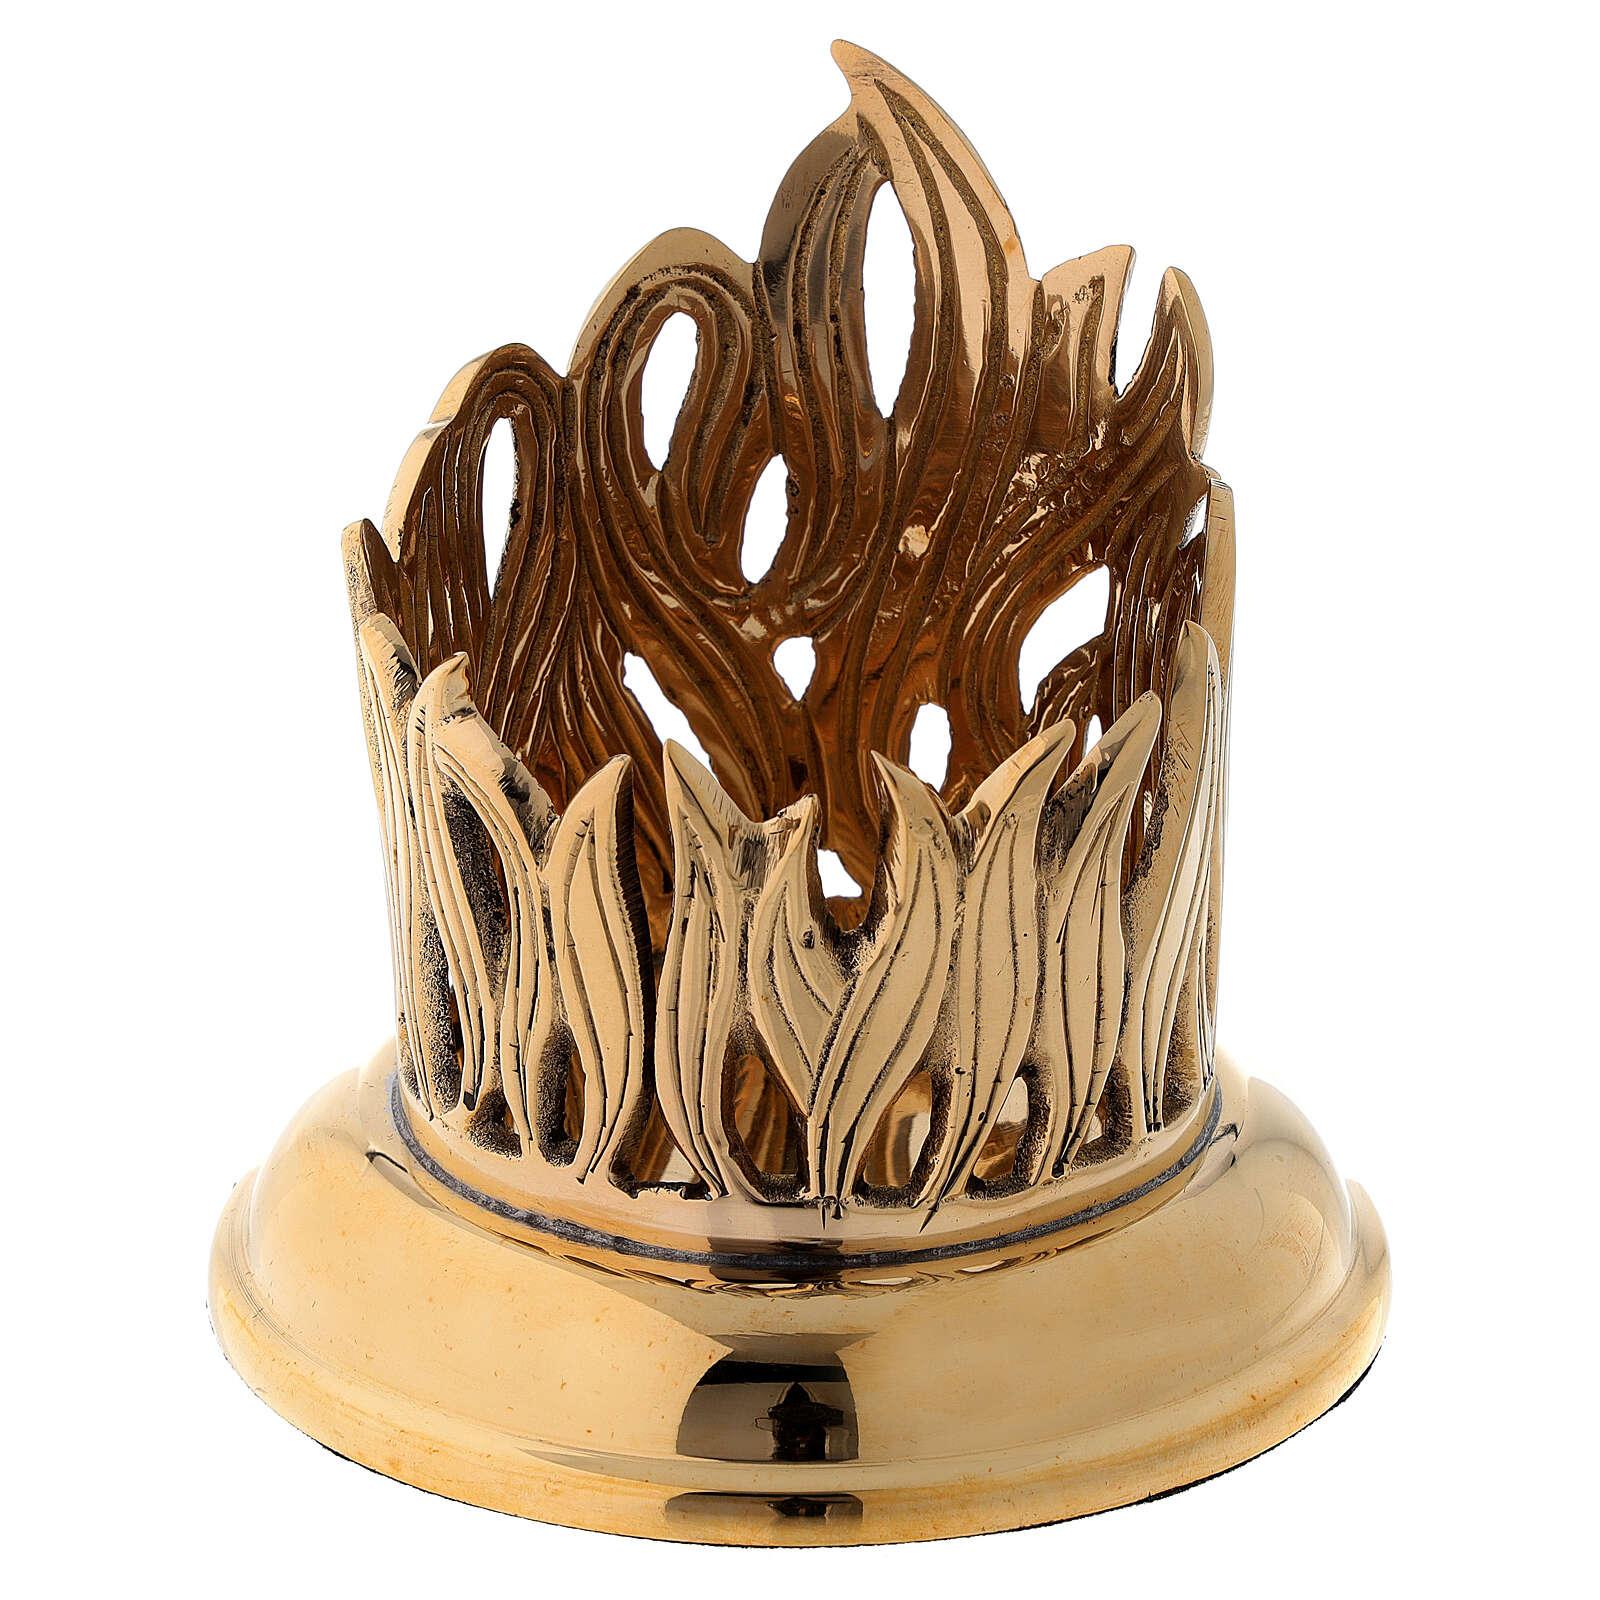 Portavela motivo llamas incisas latón dorado diám 6 cm 4